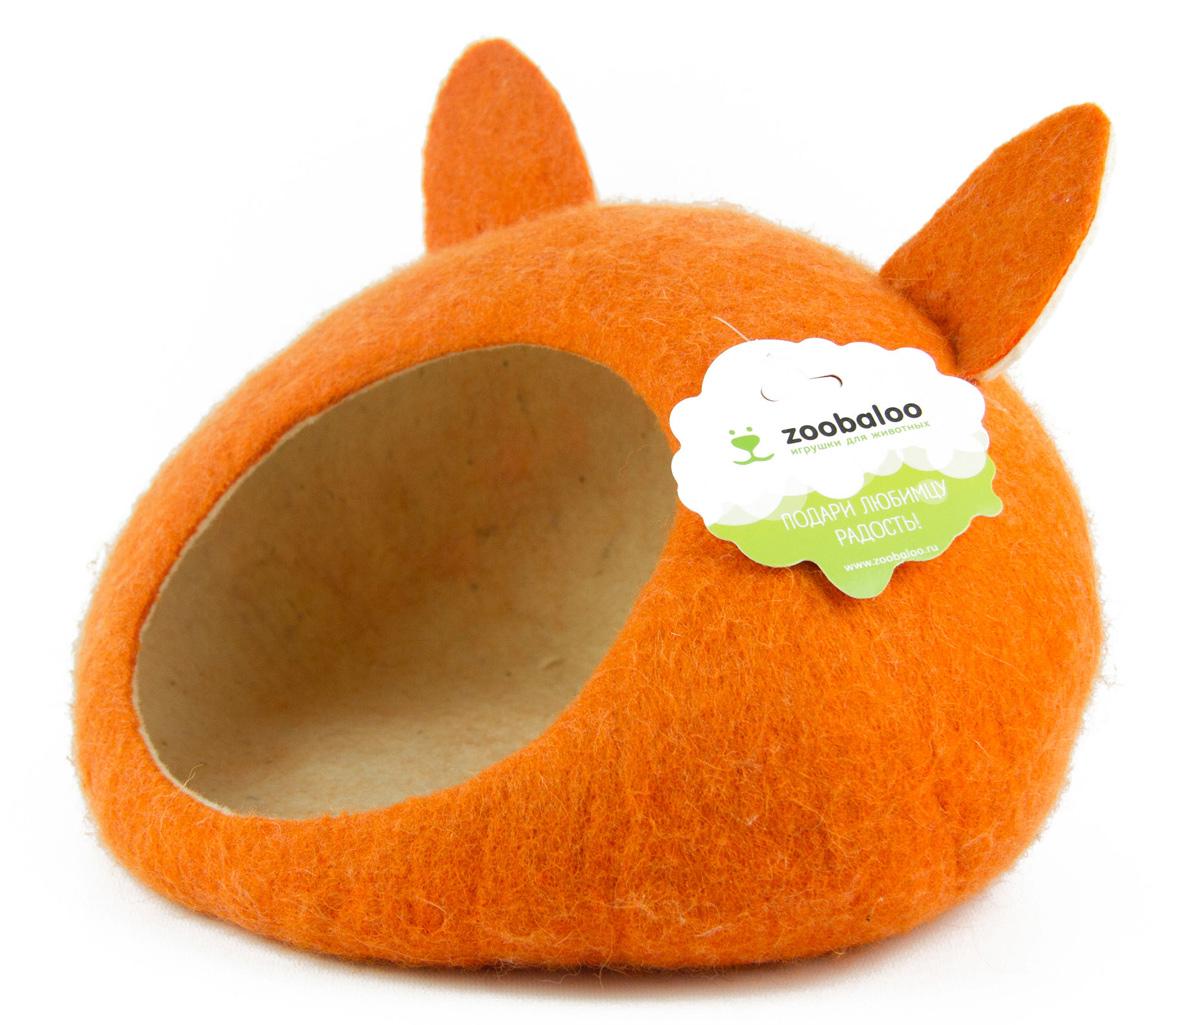 Домик-слипер для животных Zoobaloo WoolPetHouse, с ушками, цвет: оранжевый, размер M893Домик-слипер Zoobaloo WoolPetHouse предназначен для отдыха и сна питомца. Домик изготовлен из 100% шерсти мериноса. Учтены все особенности животного сна: форма, цвет, материал этого домика - все подобрано как нельзя лучше! В нем ваш любимец будет видеть только цветные сны. Шерсть мериноса обеспечит превосходный микроклимат внутри домика, а его форма позволит питомцу засыпать в самой естественной позе.